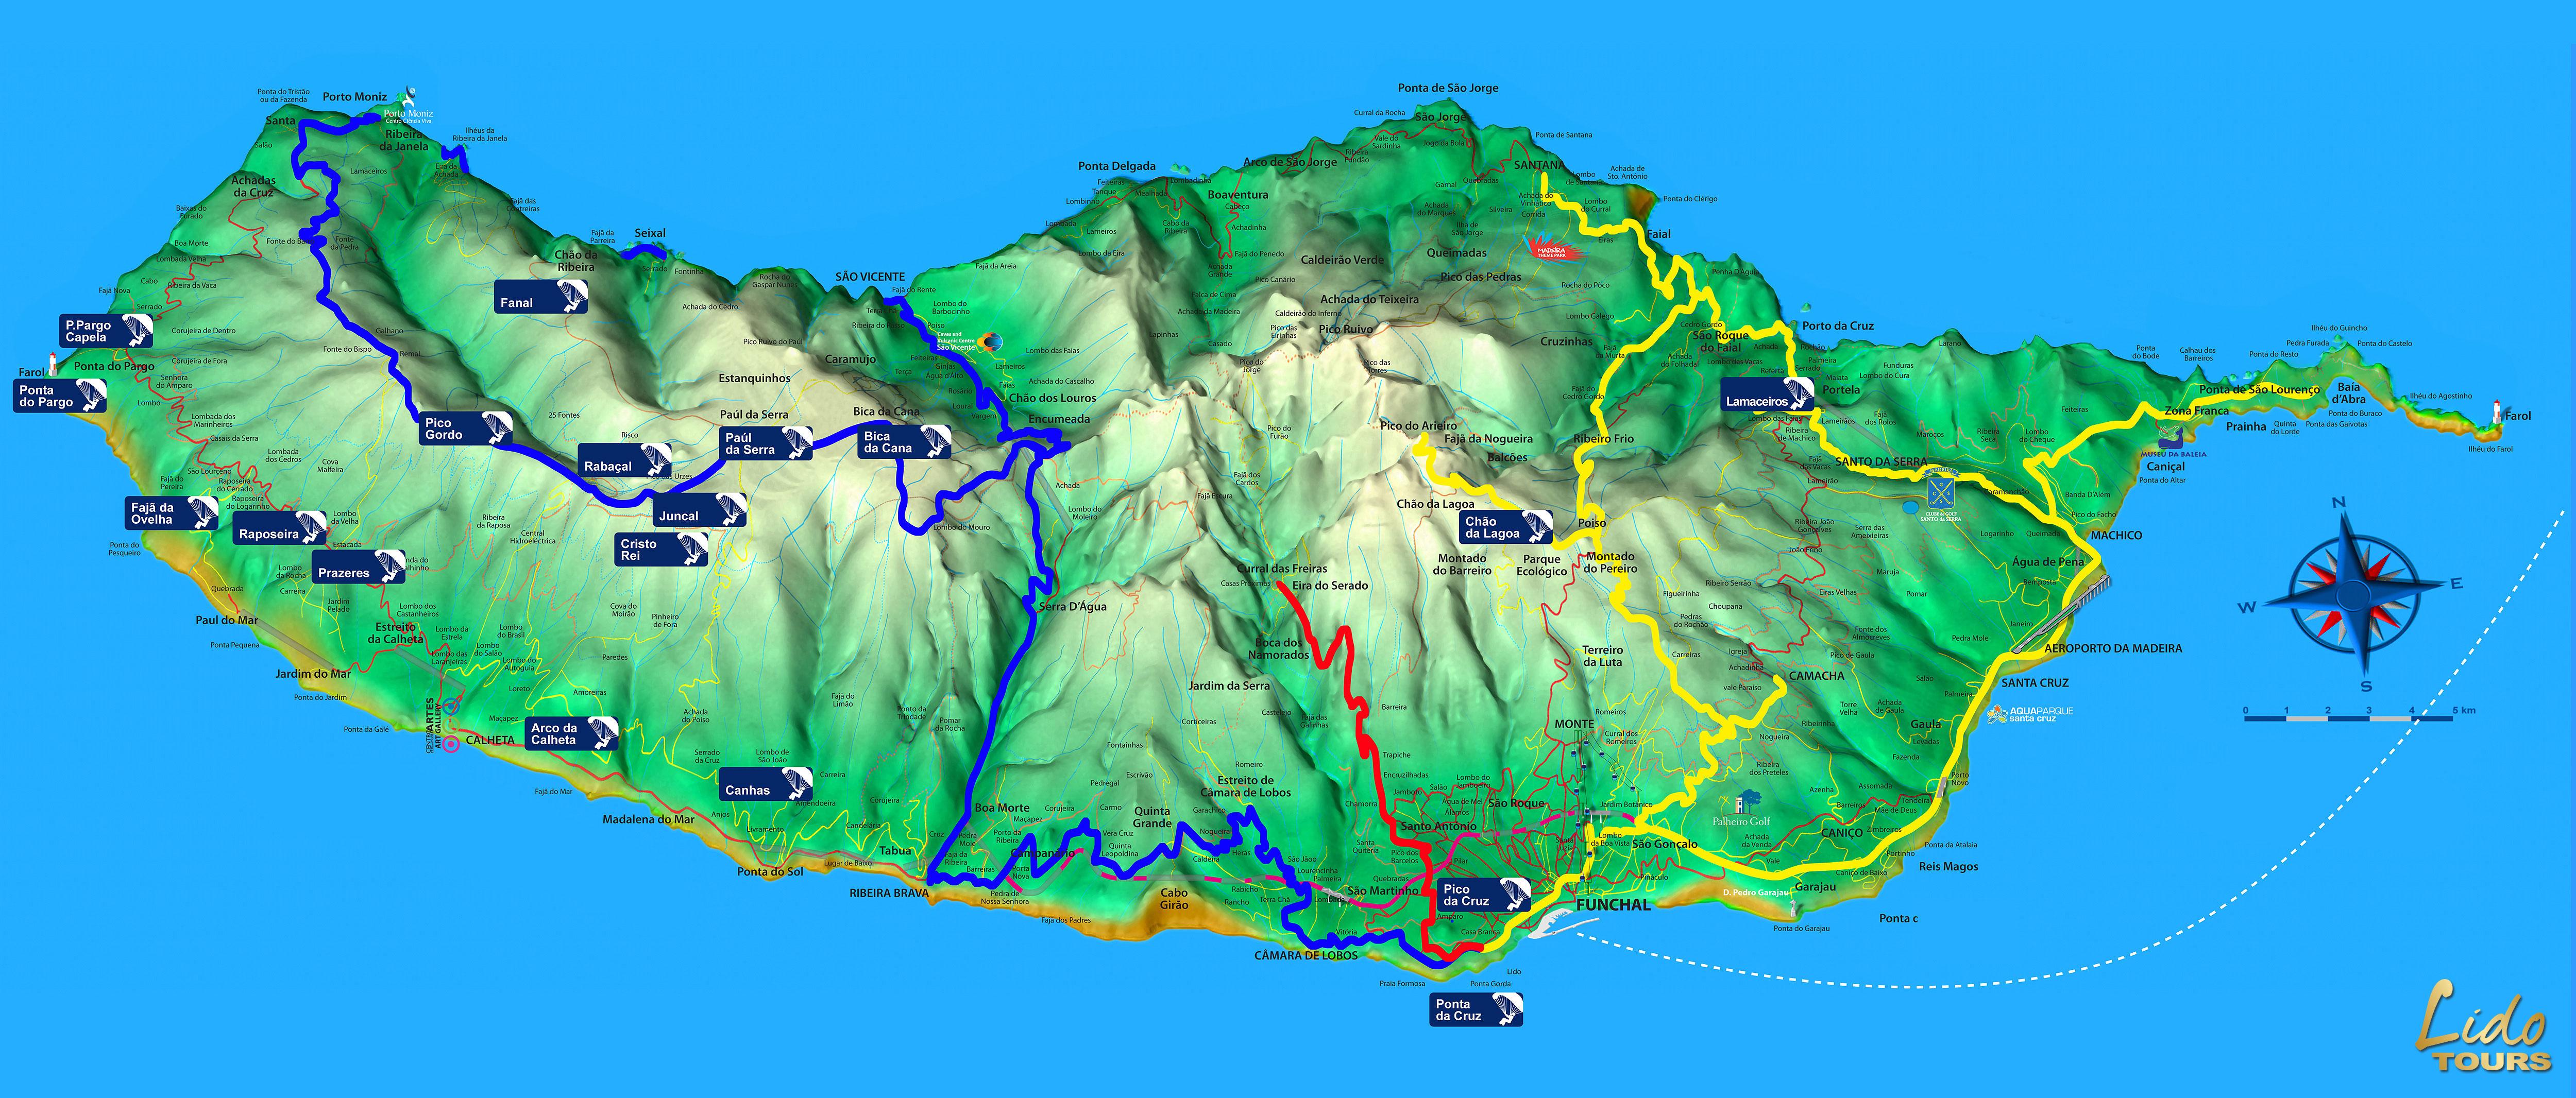 mapa das serras da madeira Madeira tours map and Funchal hotel map mapa das serras da madeira